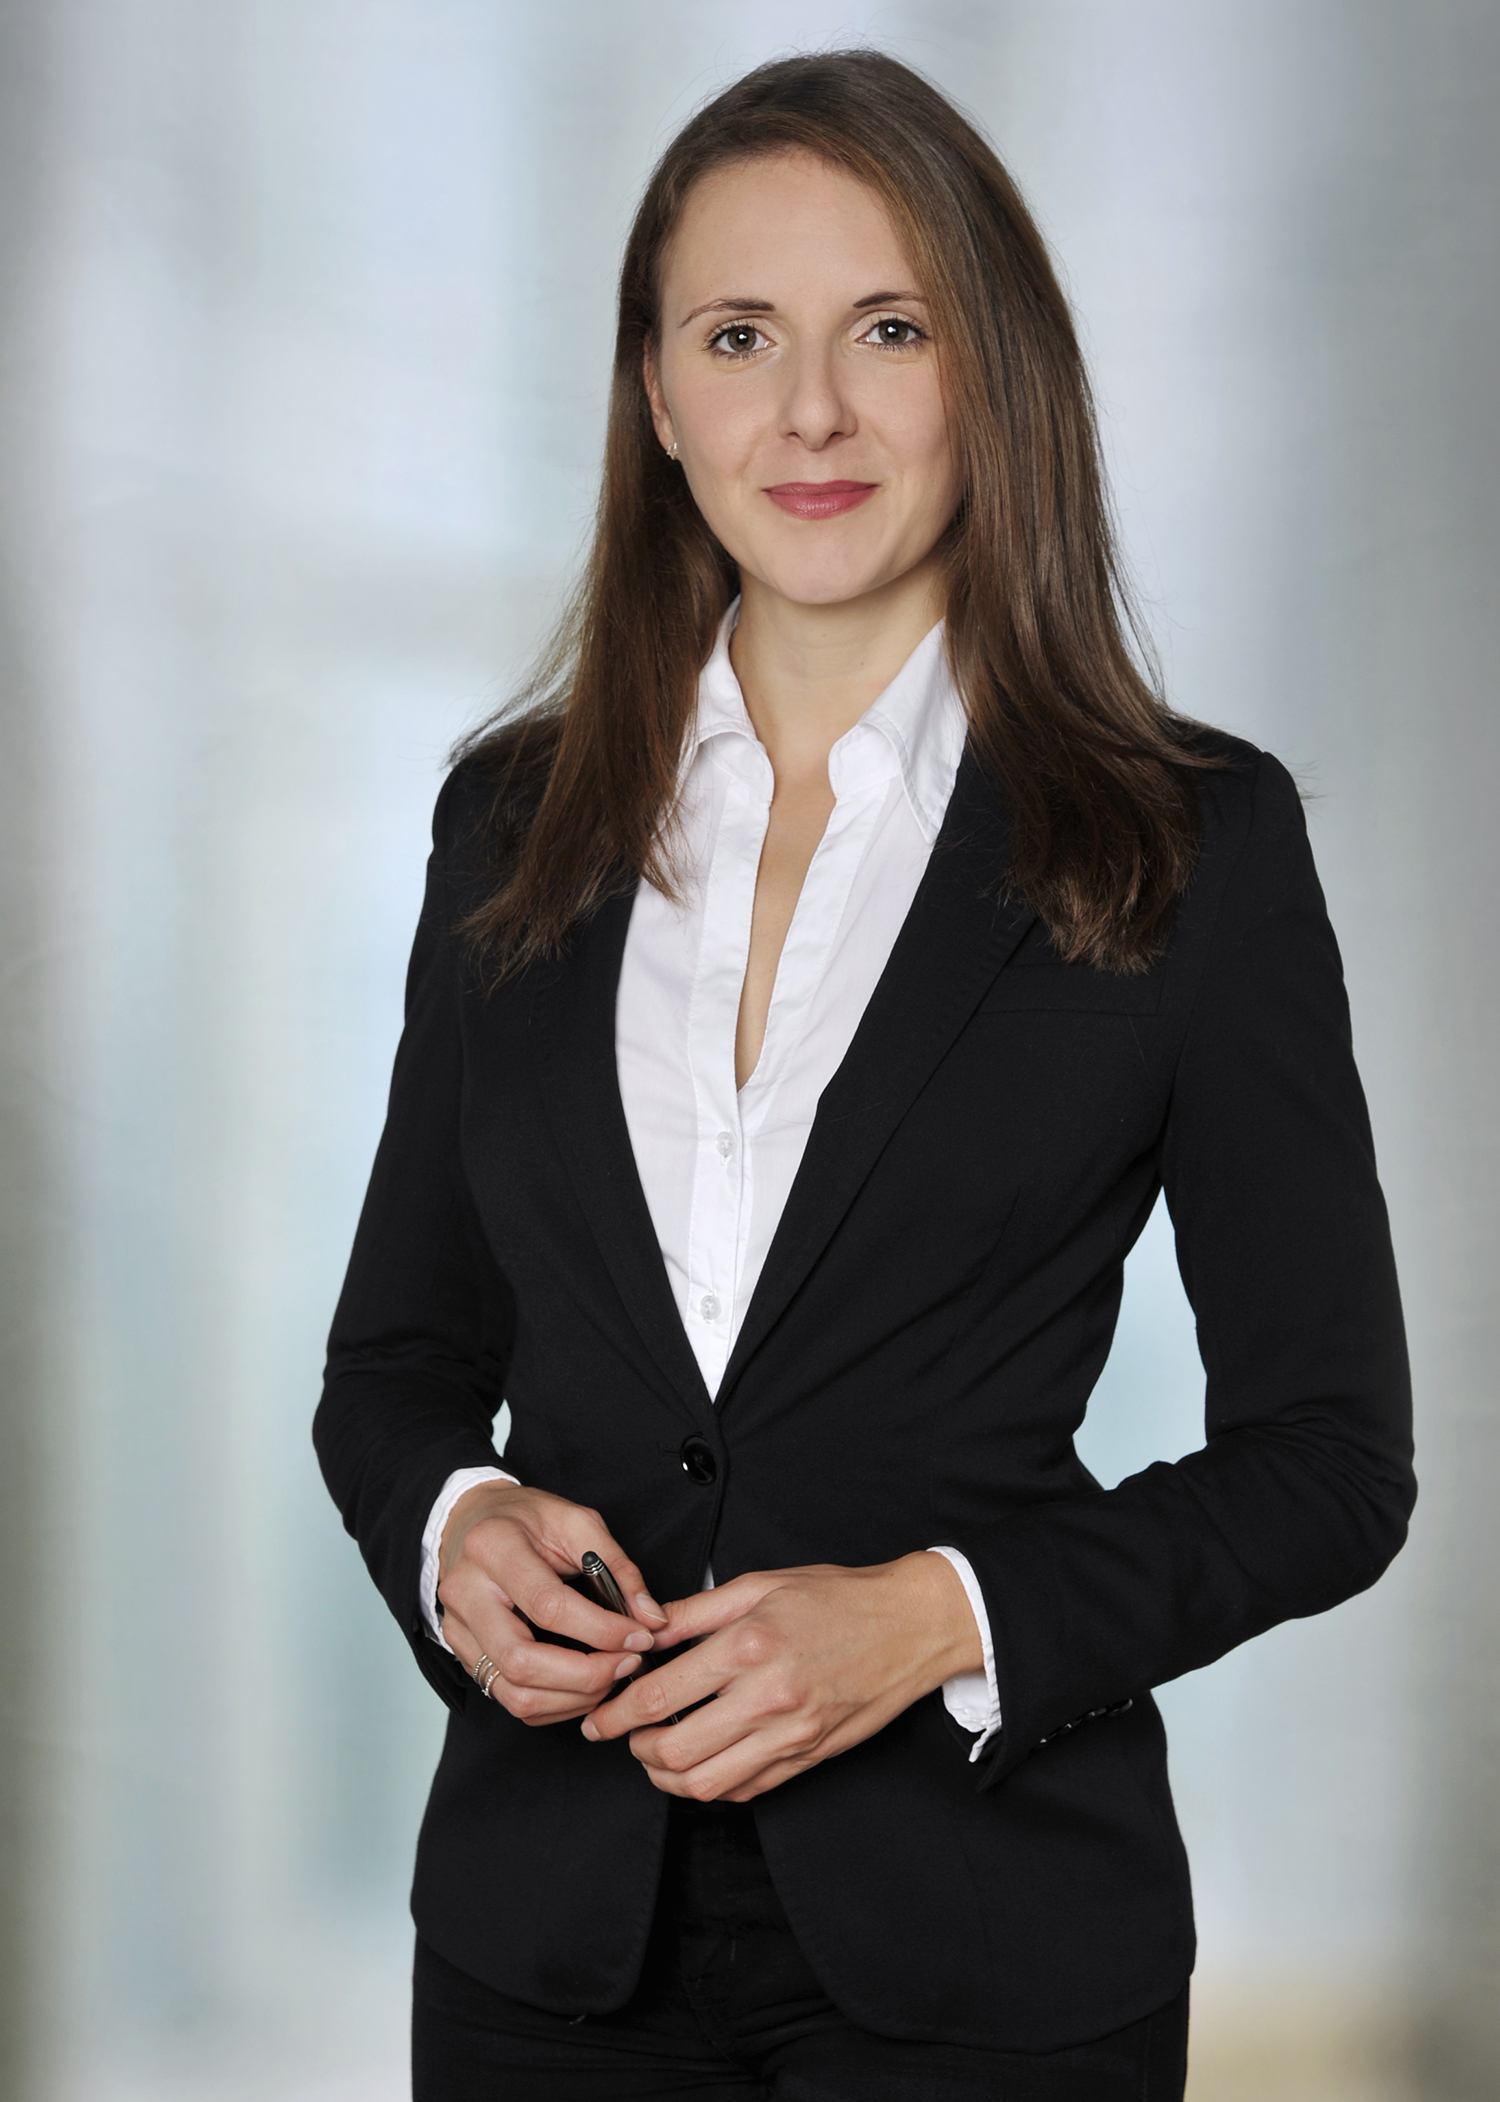 Lisa Krebs